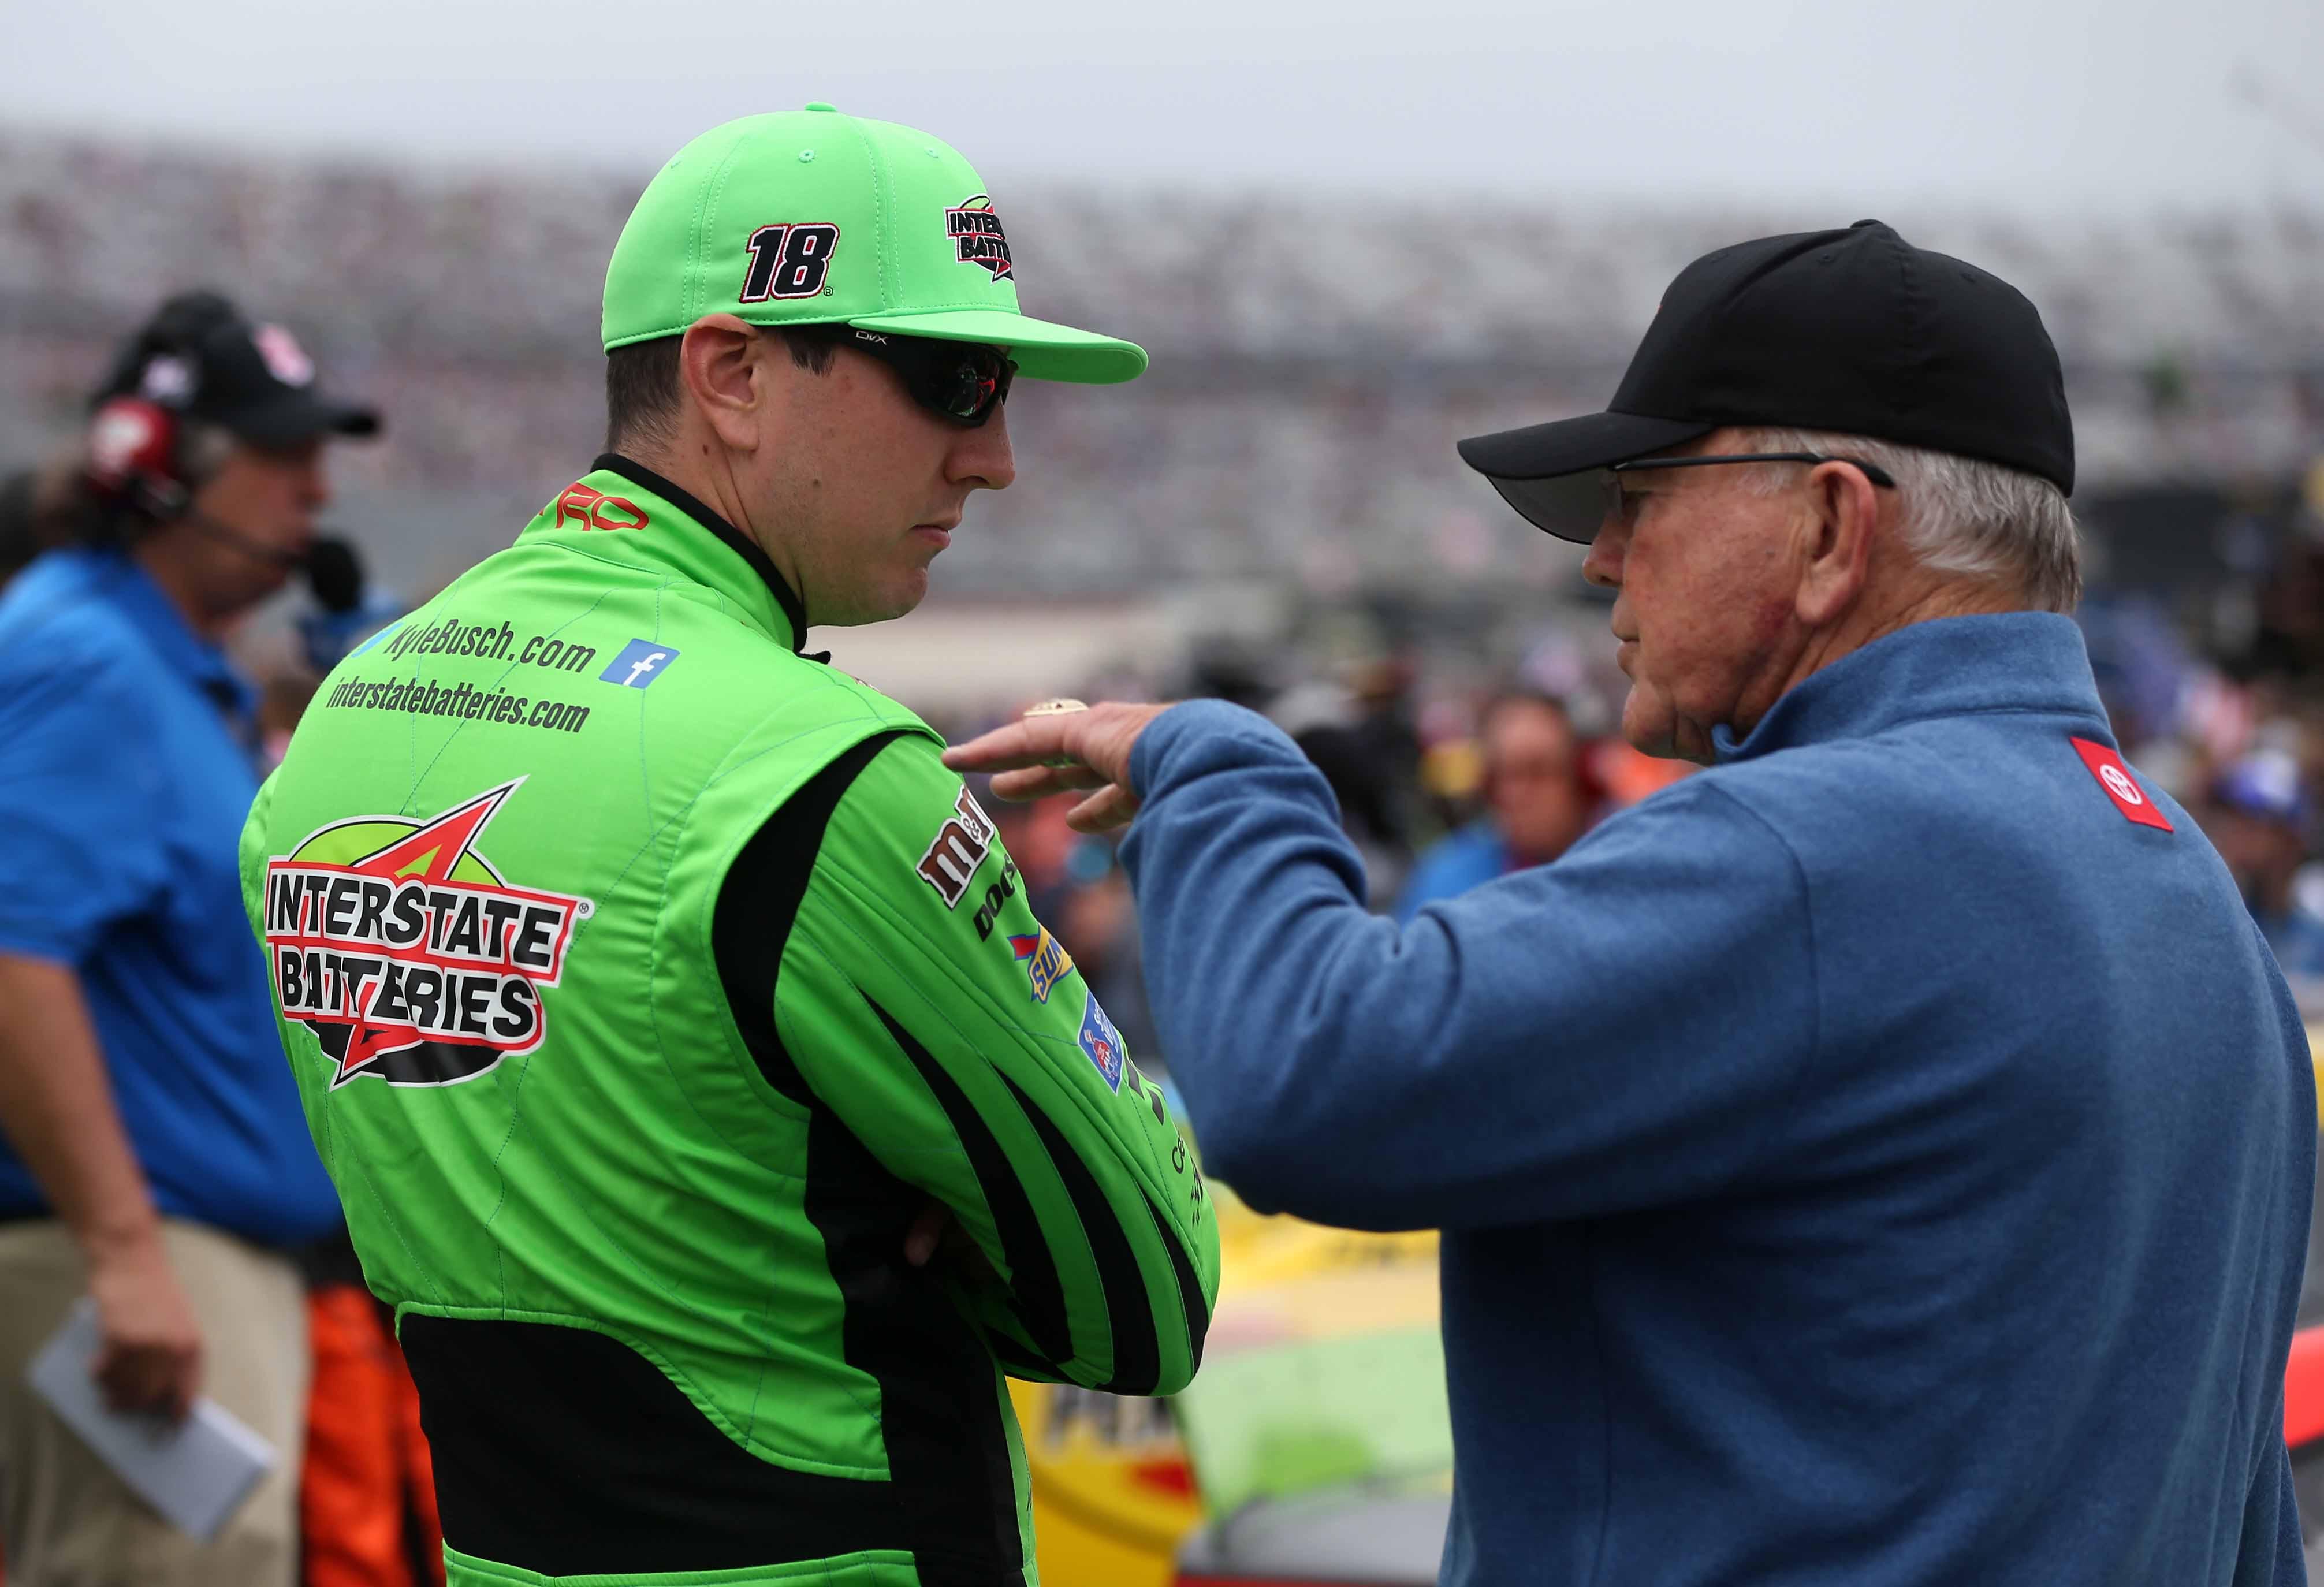 Kyle Busch and NASCAR team owner Joe Gibbs